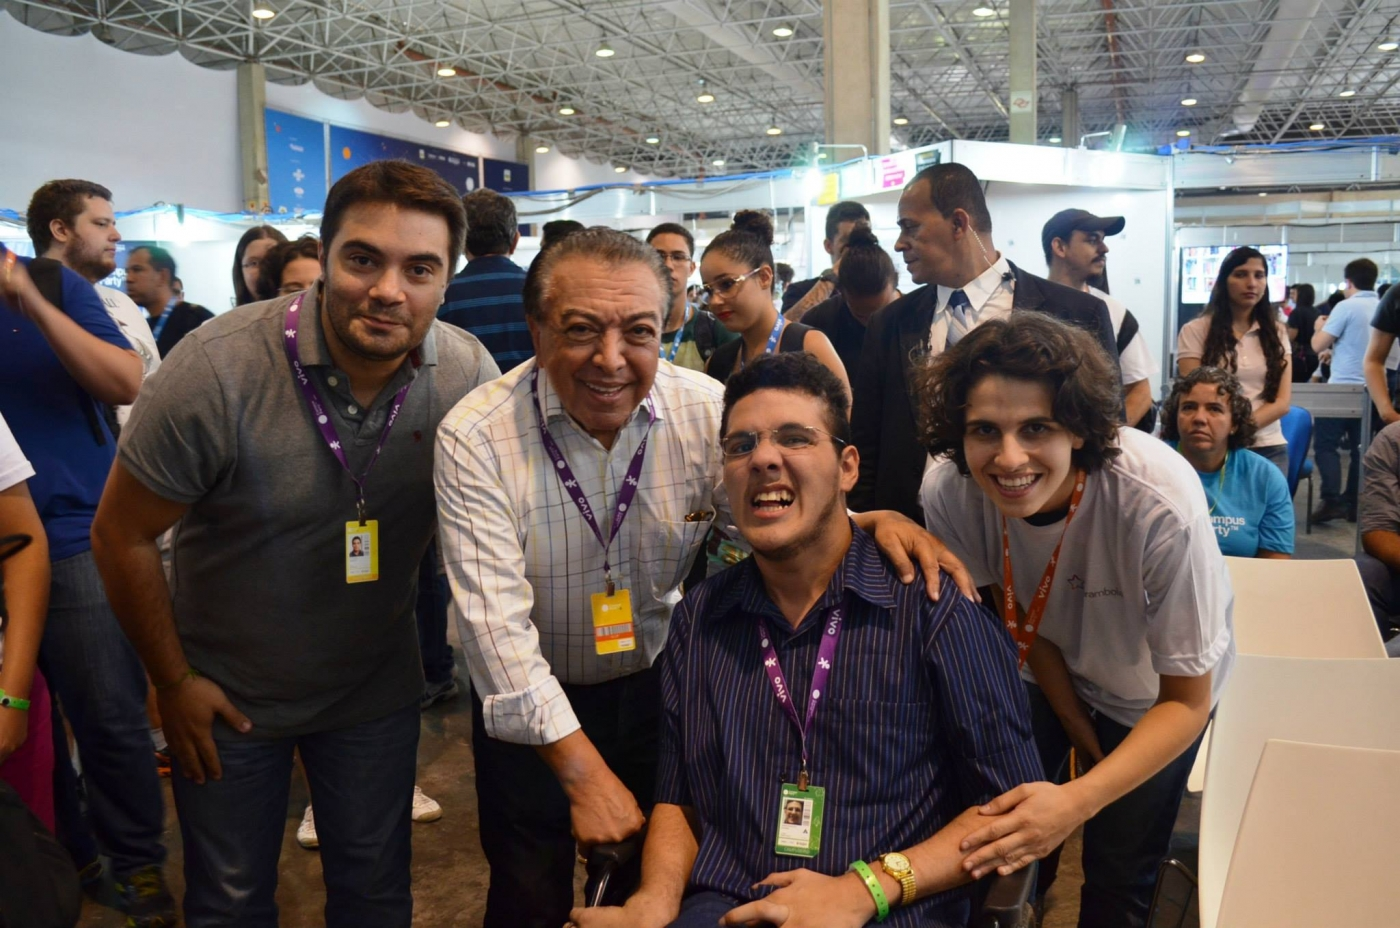 Juliana e João (ao centro, com o cartunista e empresário Maurício de Sousa) se conheceram durante a Campus Party de 2015.